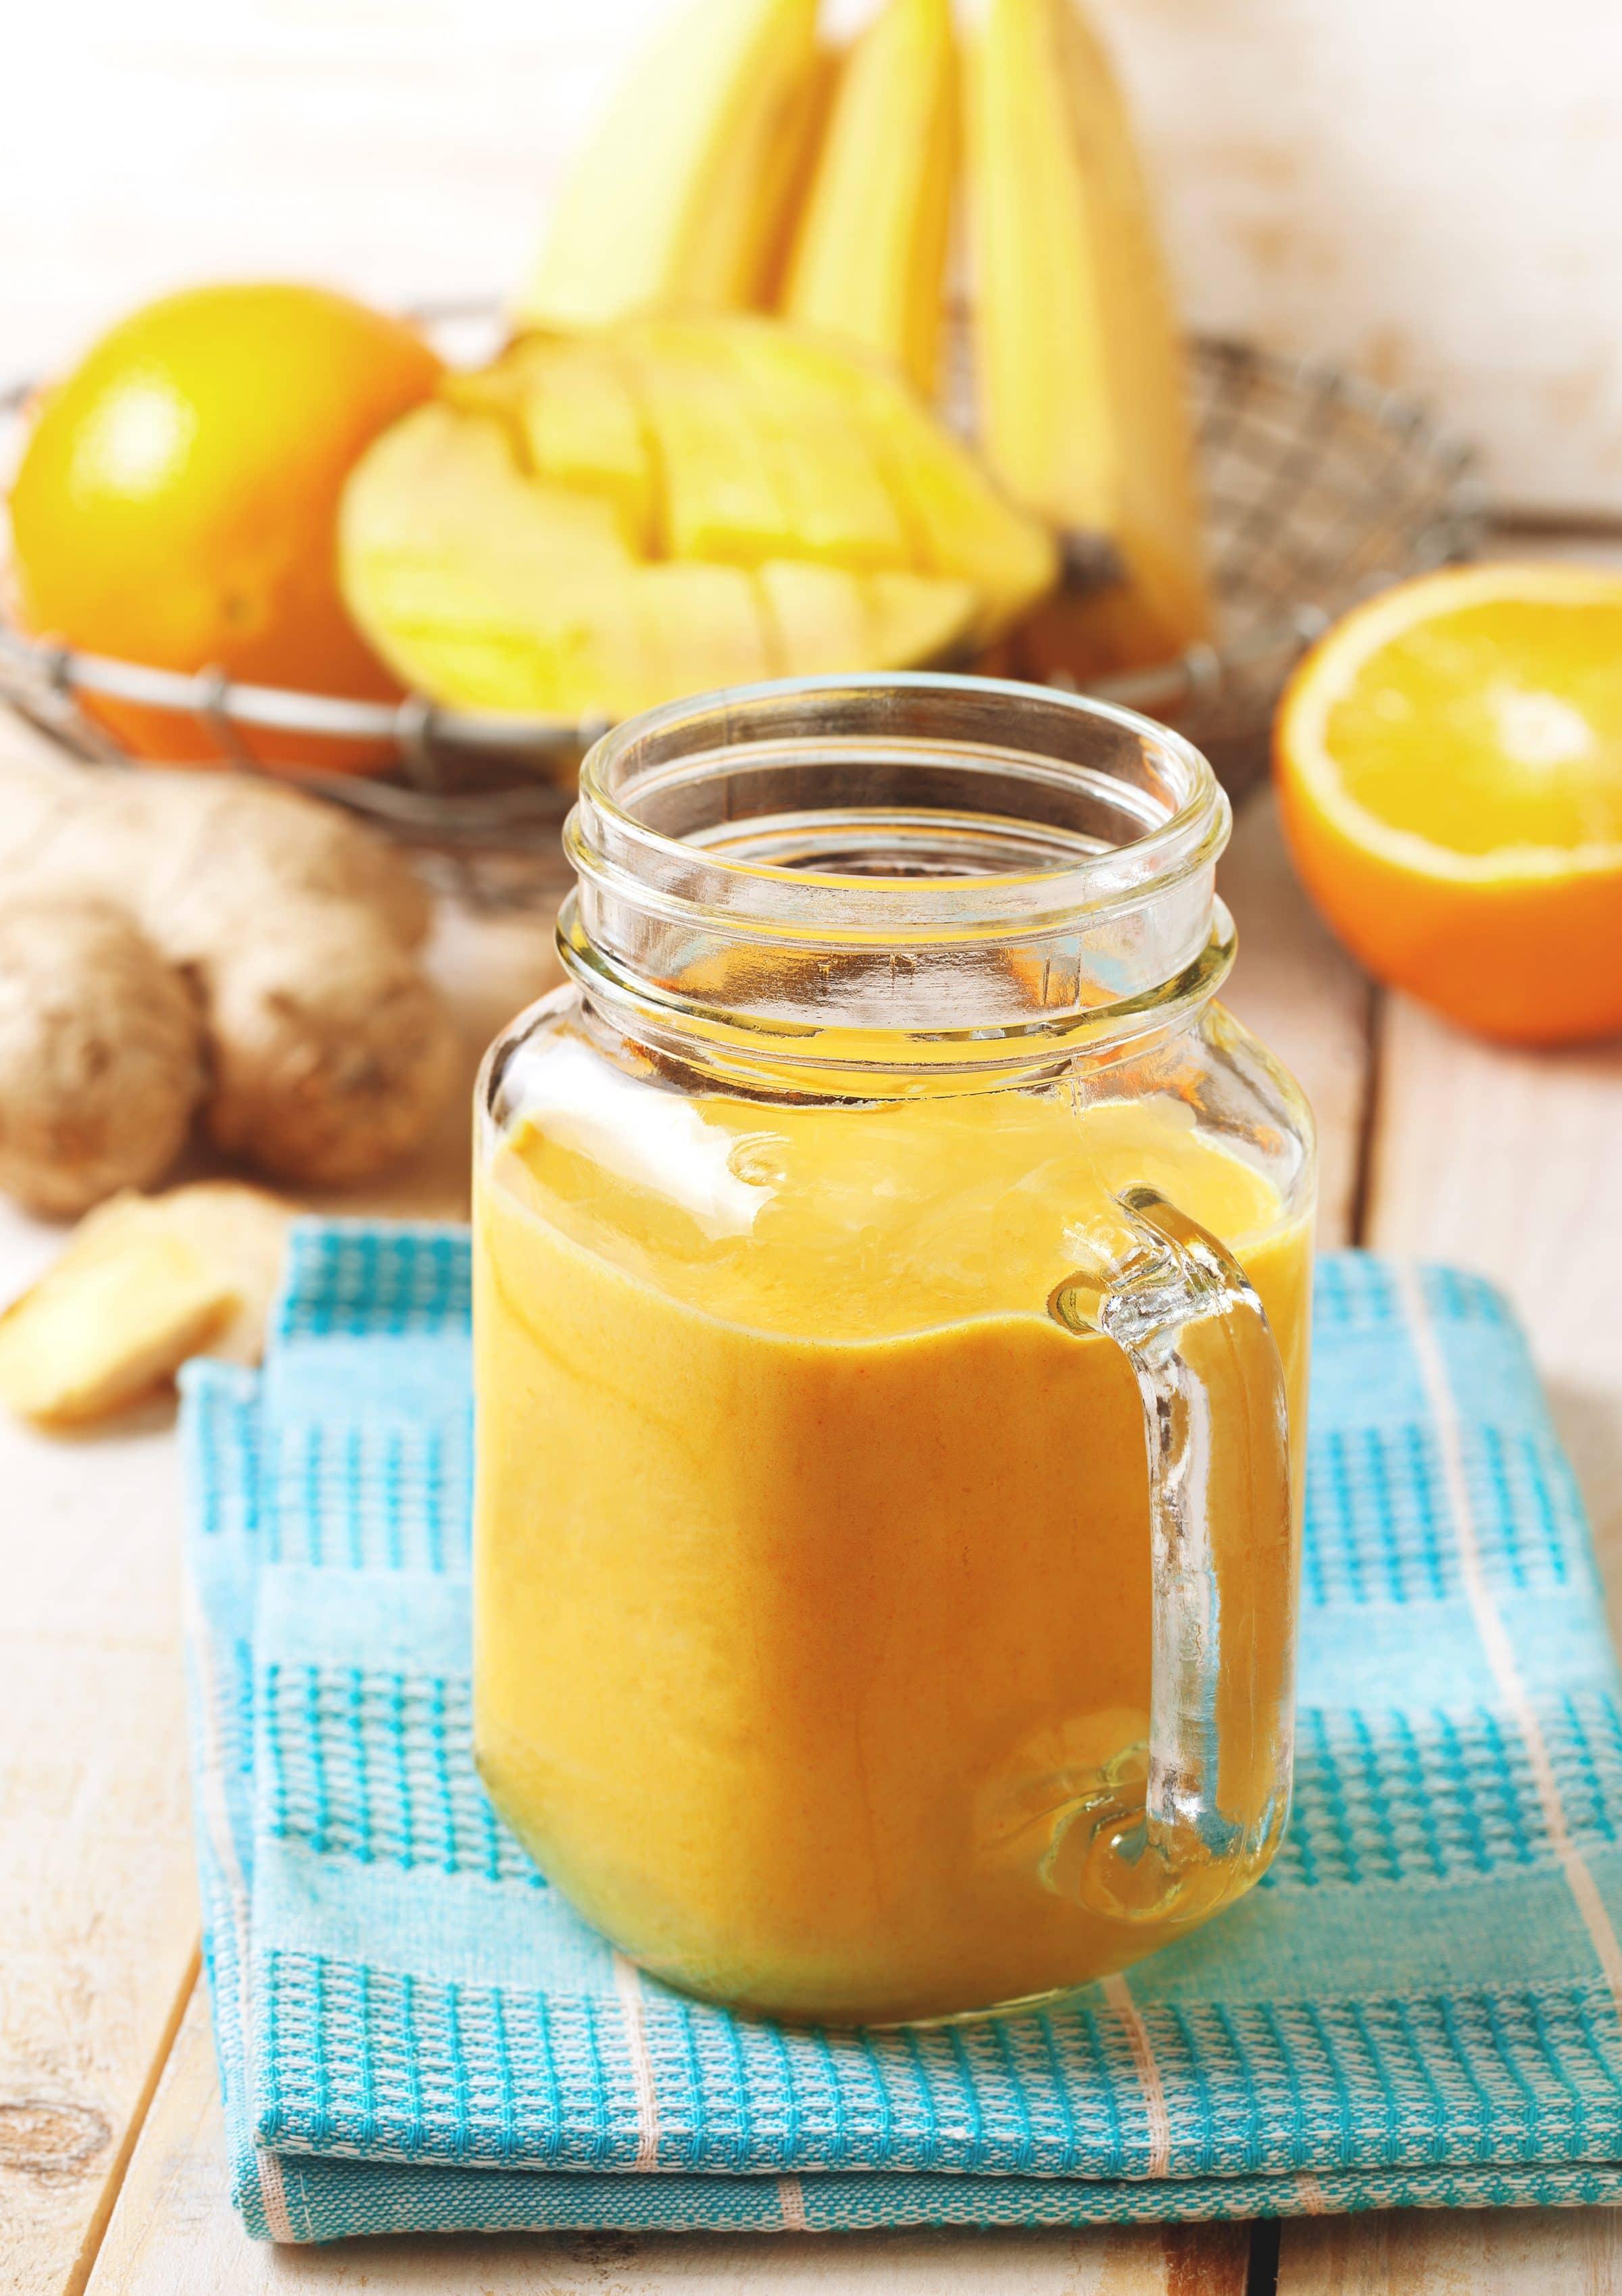 mango detox smoothie of banana, orange, mango, ginger